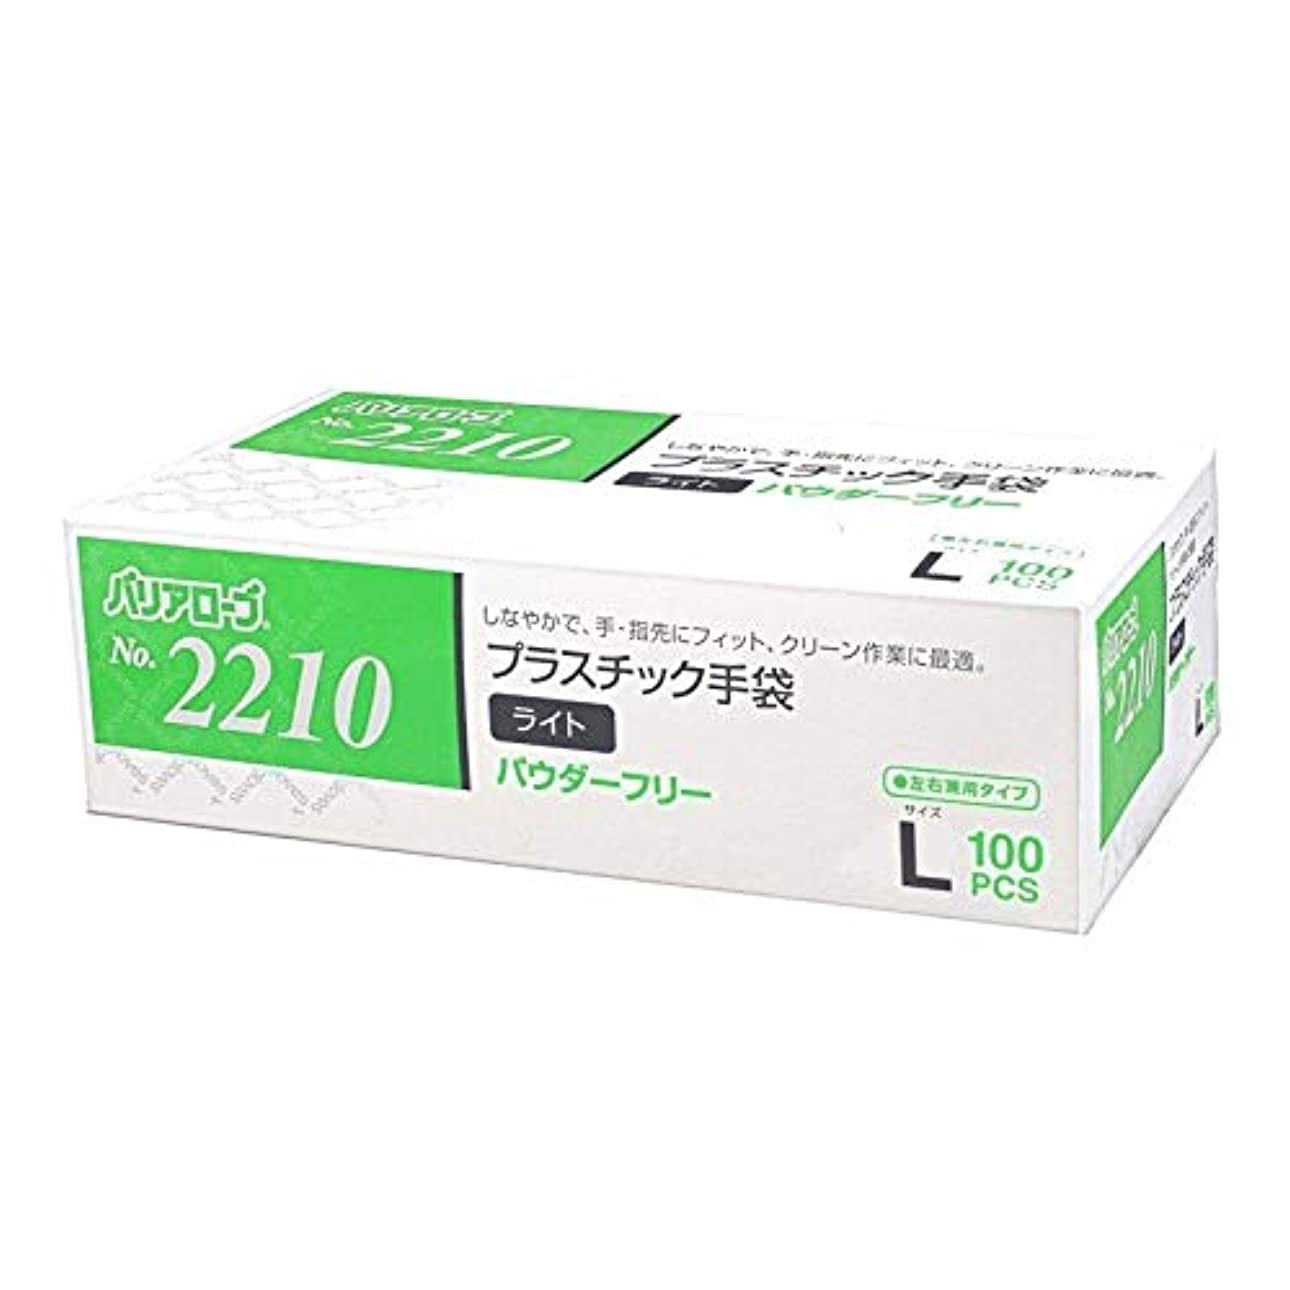 行動問題前文【ケース販売】 バリアローブ №2210 プラスチック手袋 ライト (パウダーフリー) L 2000枚(100枚×20箱)